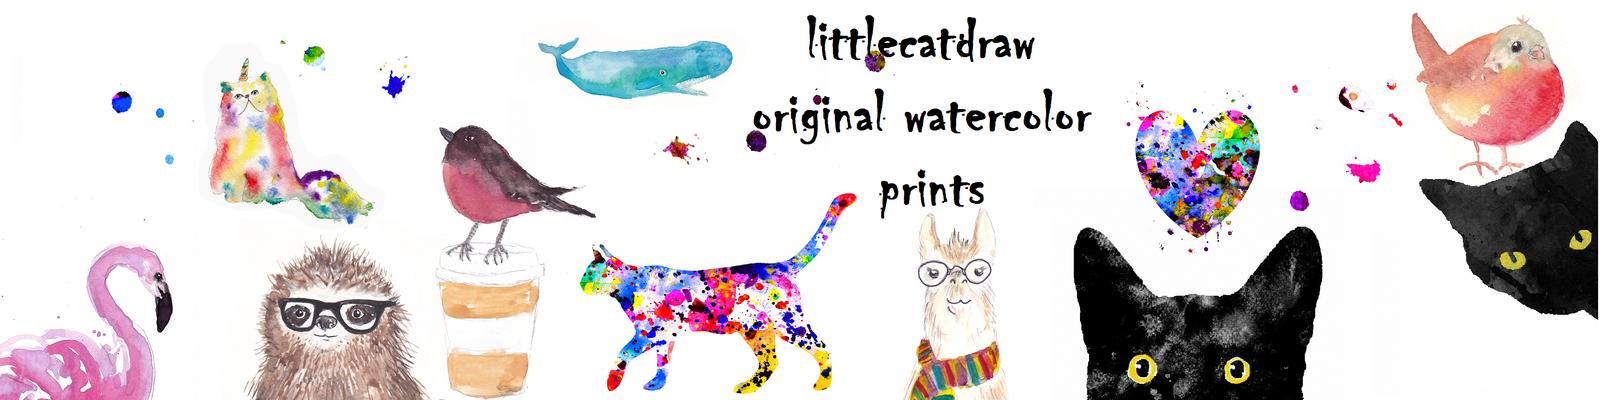 Littlecatdraw